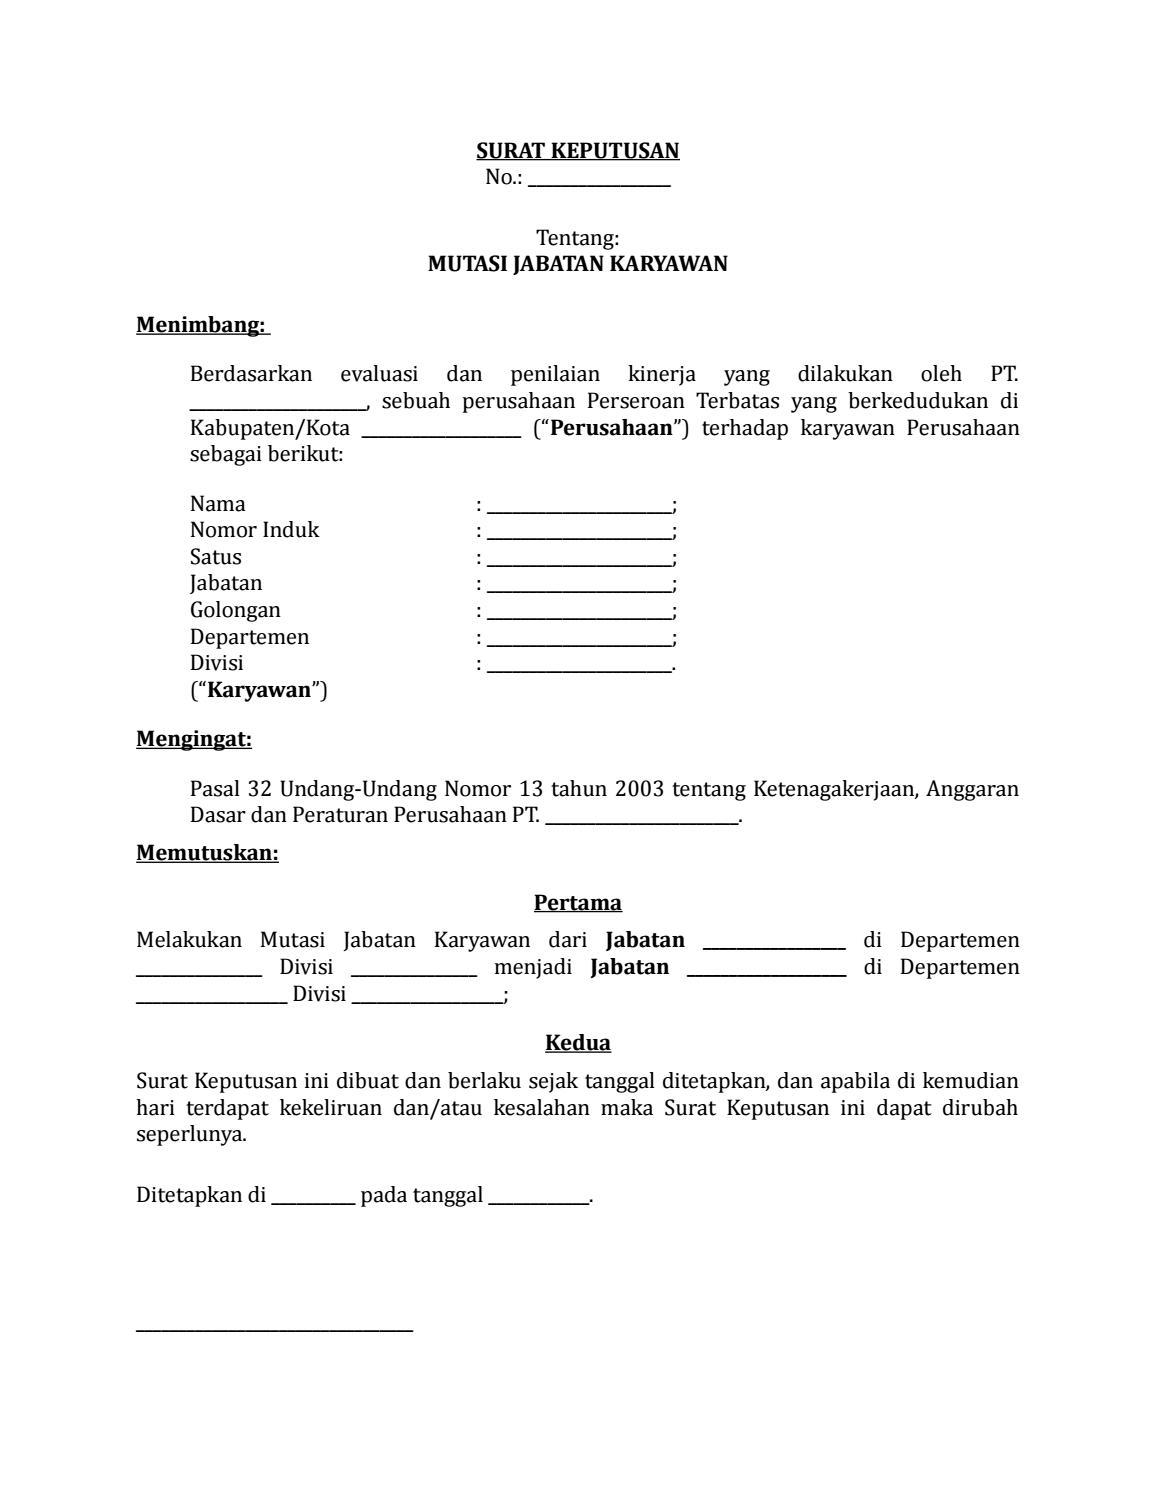 08 Draf Surat Keputusan Mutasi Jabatan Karyawan By Arif